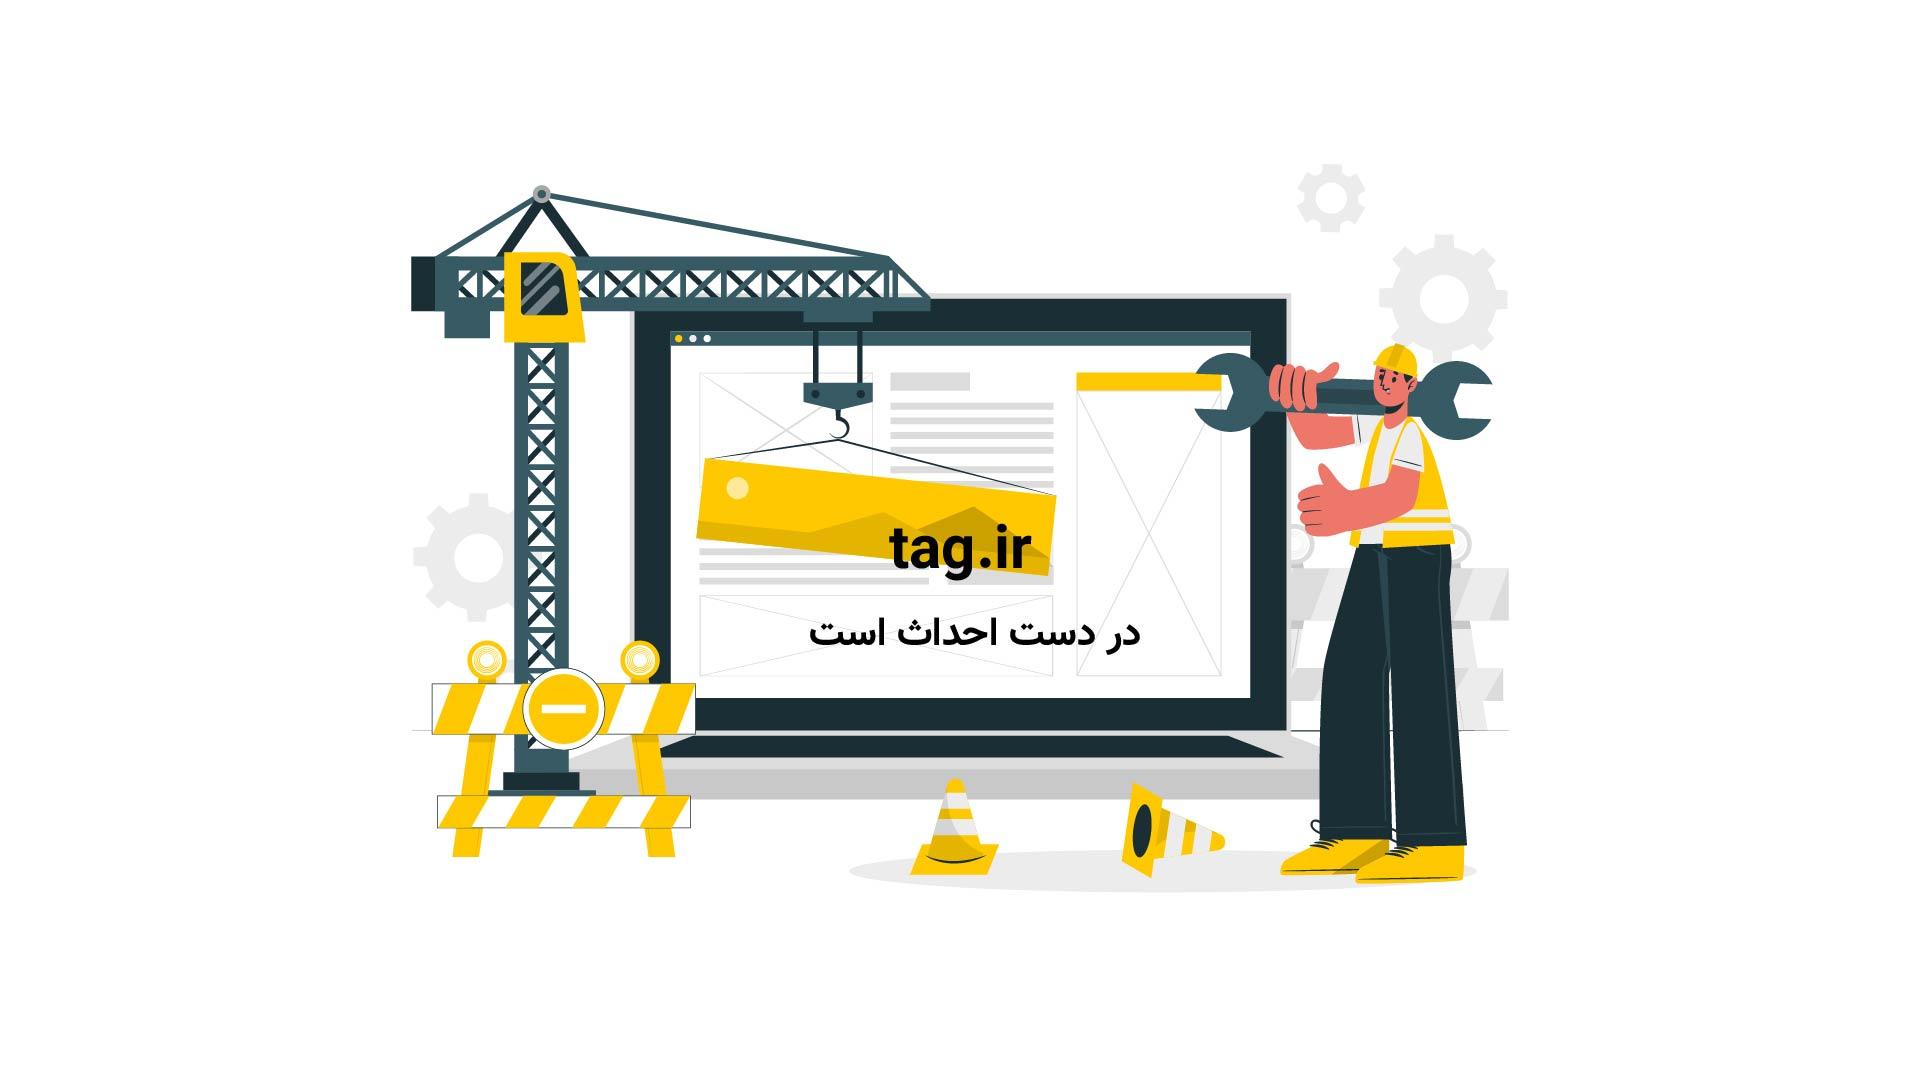 آتش سوزی خیابان سرچشمه | فیلم